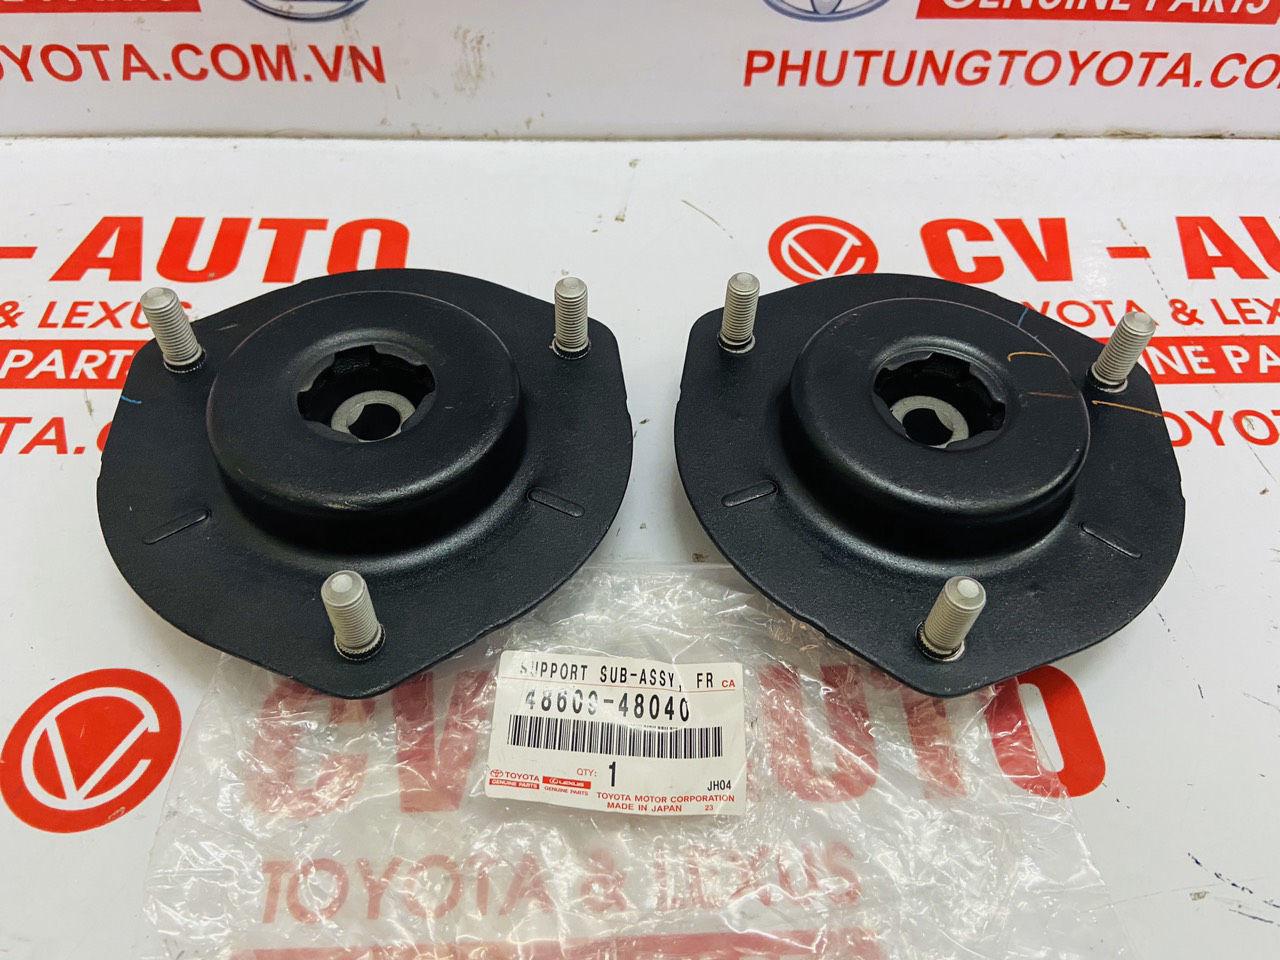 Picture of 48609-48040 4860948040 48609-0E020 Bát bèo trước Toyota Camry Mỹ, Highlander chính hãng